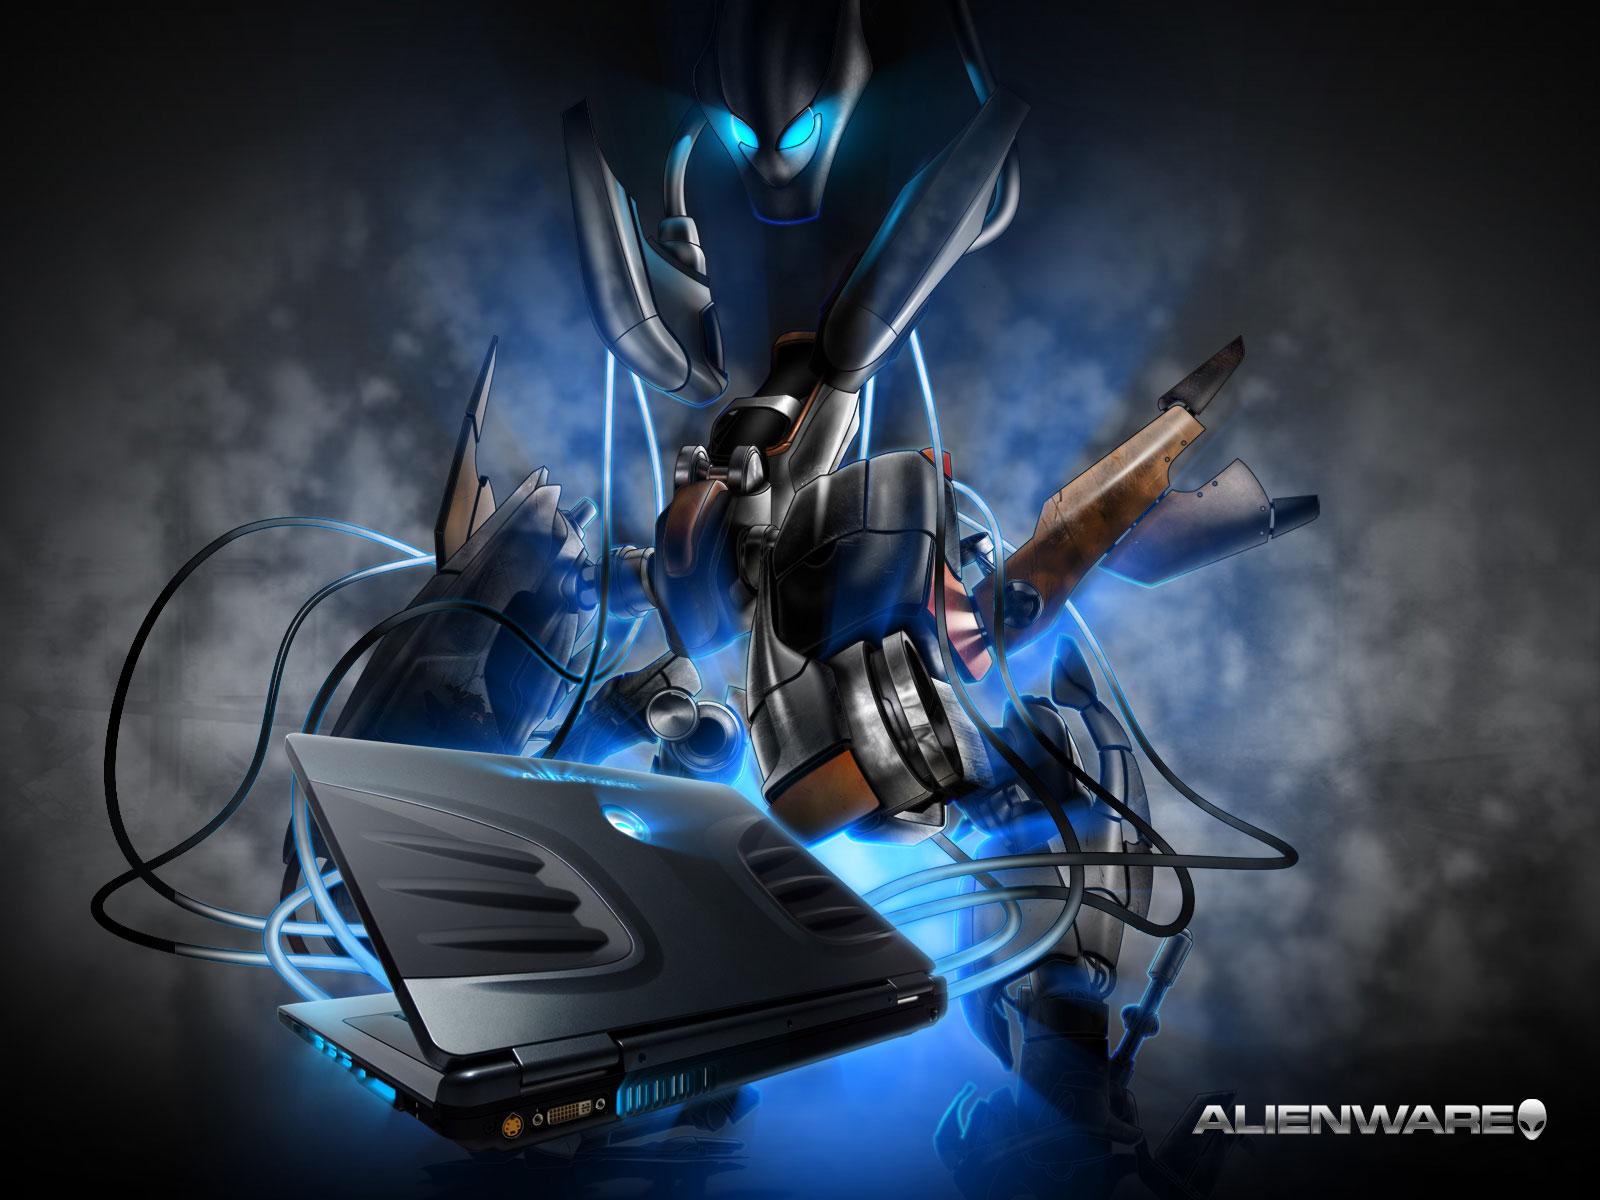 10 Best Alienware Desktop HD Wallpapers Collection   Geekyard 1600x1200